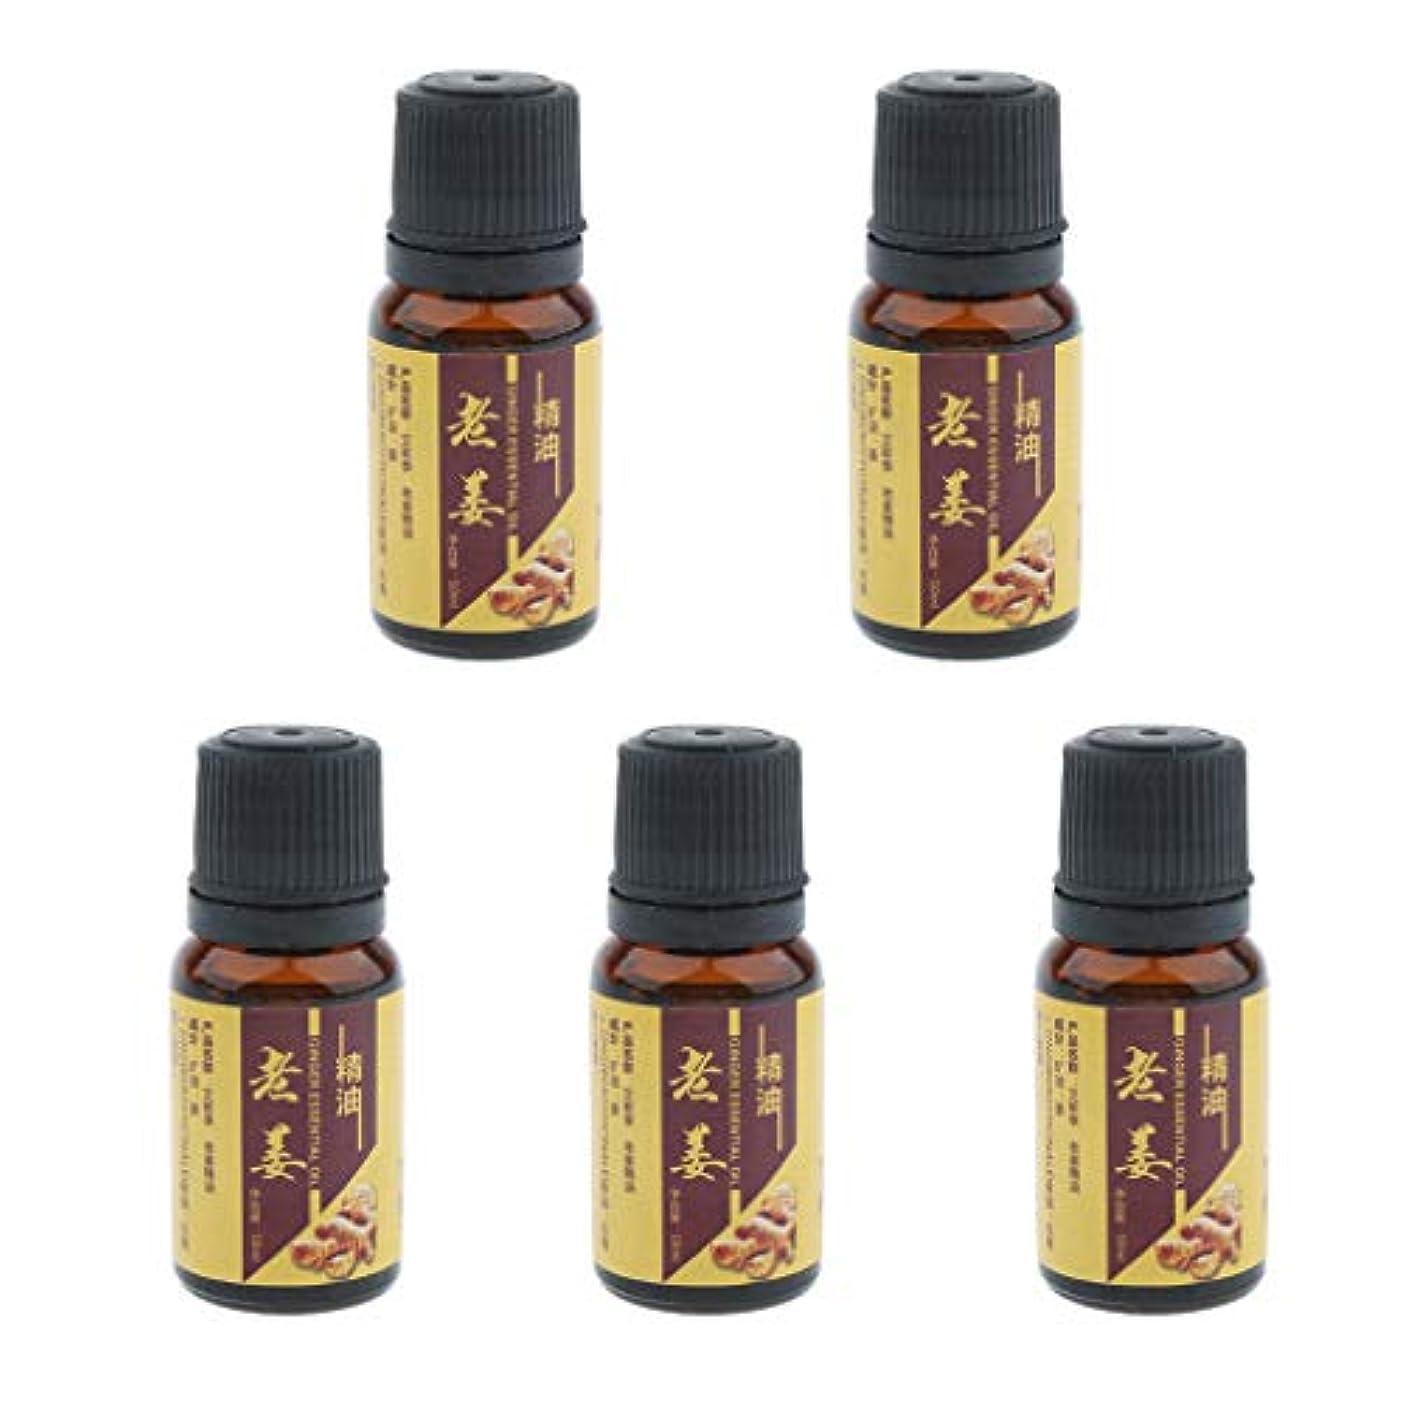 貫通する雨の一節Perfeclan エッセンシャルオイル アロマオイル 天然 精油 5本 10ミリリットル マッサージ スパ用 4色選ぶ - ショウガ